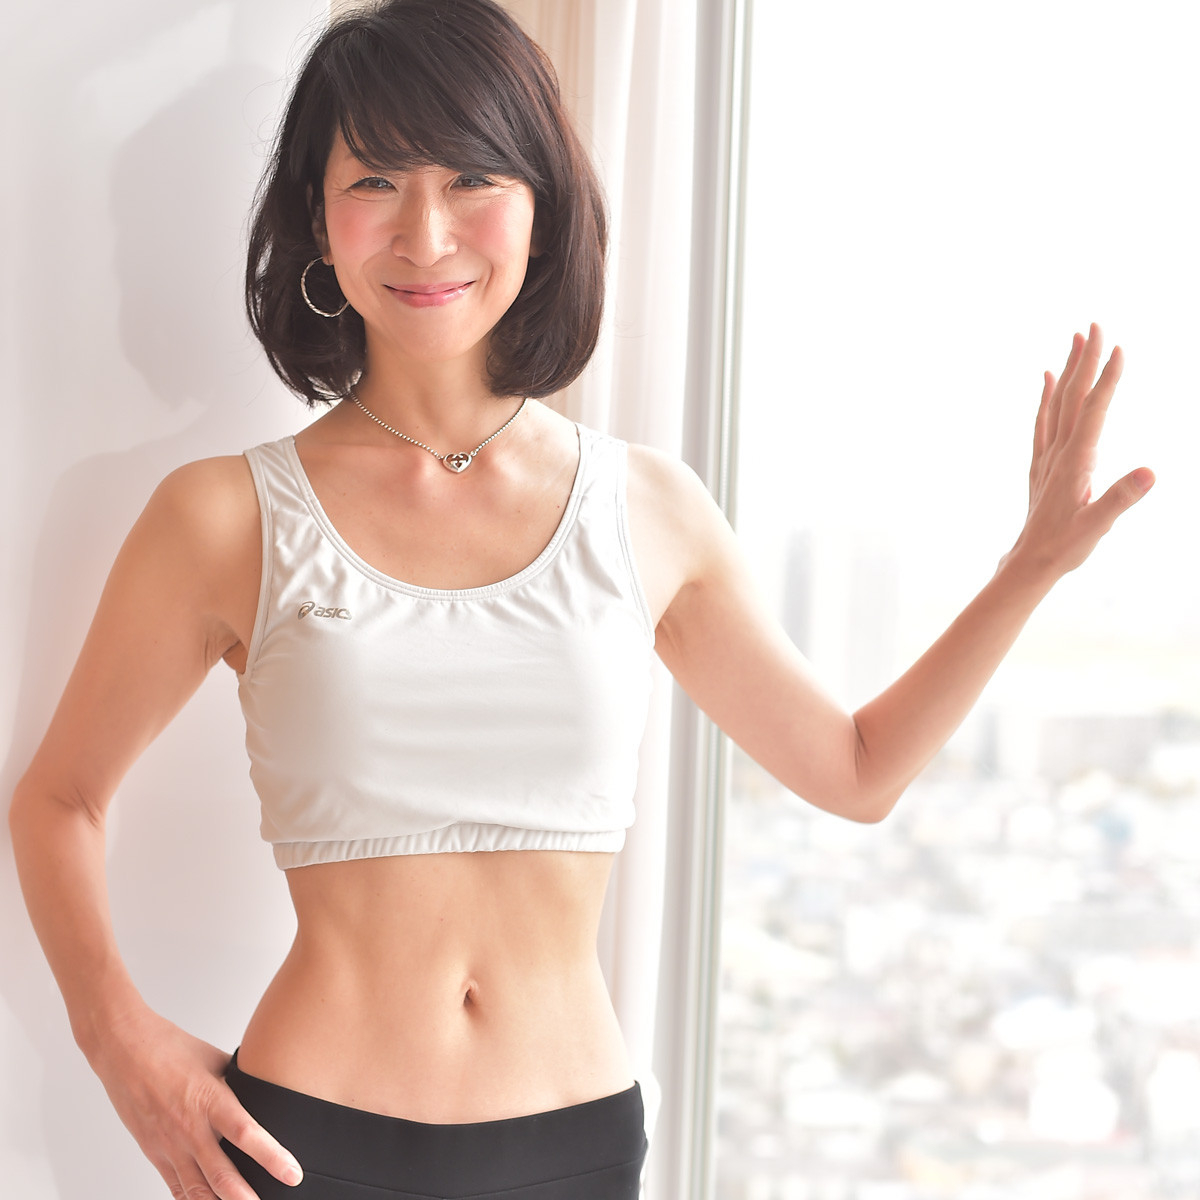 50代にして驚異のウエスト58cmをキープ! 健康運動指導士・植森美緒さんのダイエットメソッド